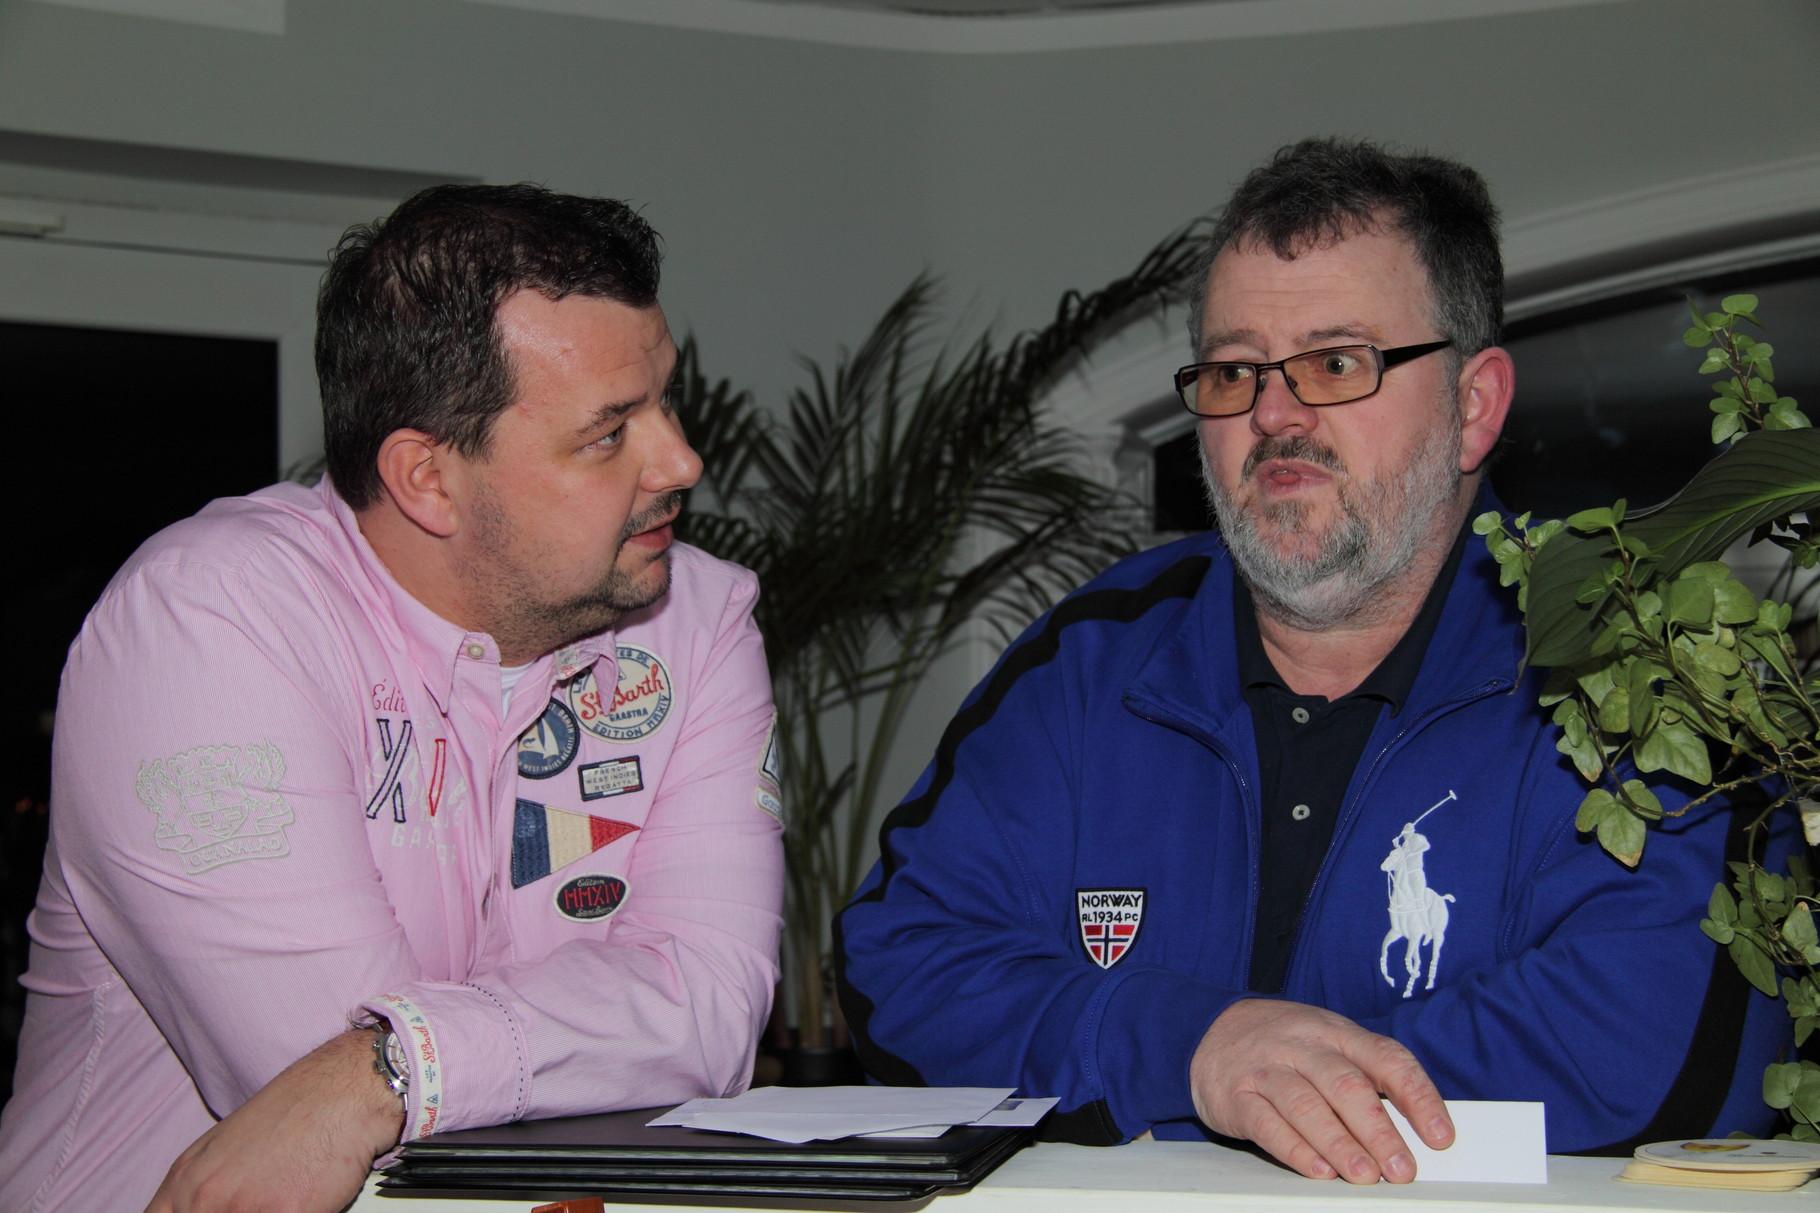 Spendengespräche: Steffen Kilian/Kilian - Solar-Heizung-Sanitär und Malermeister Dirk Ringel